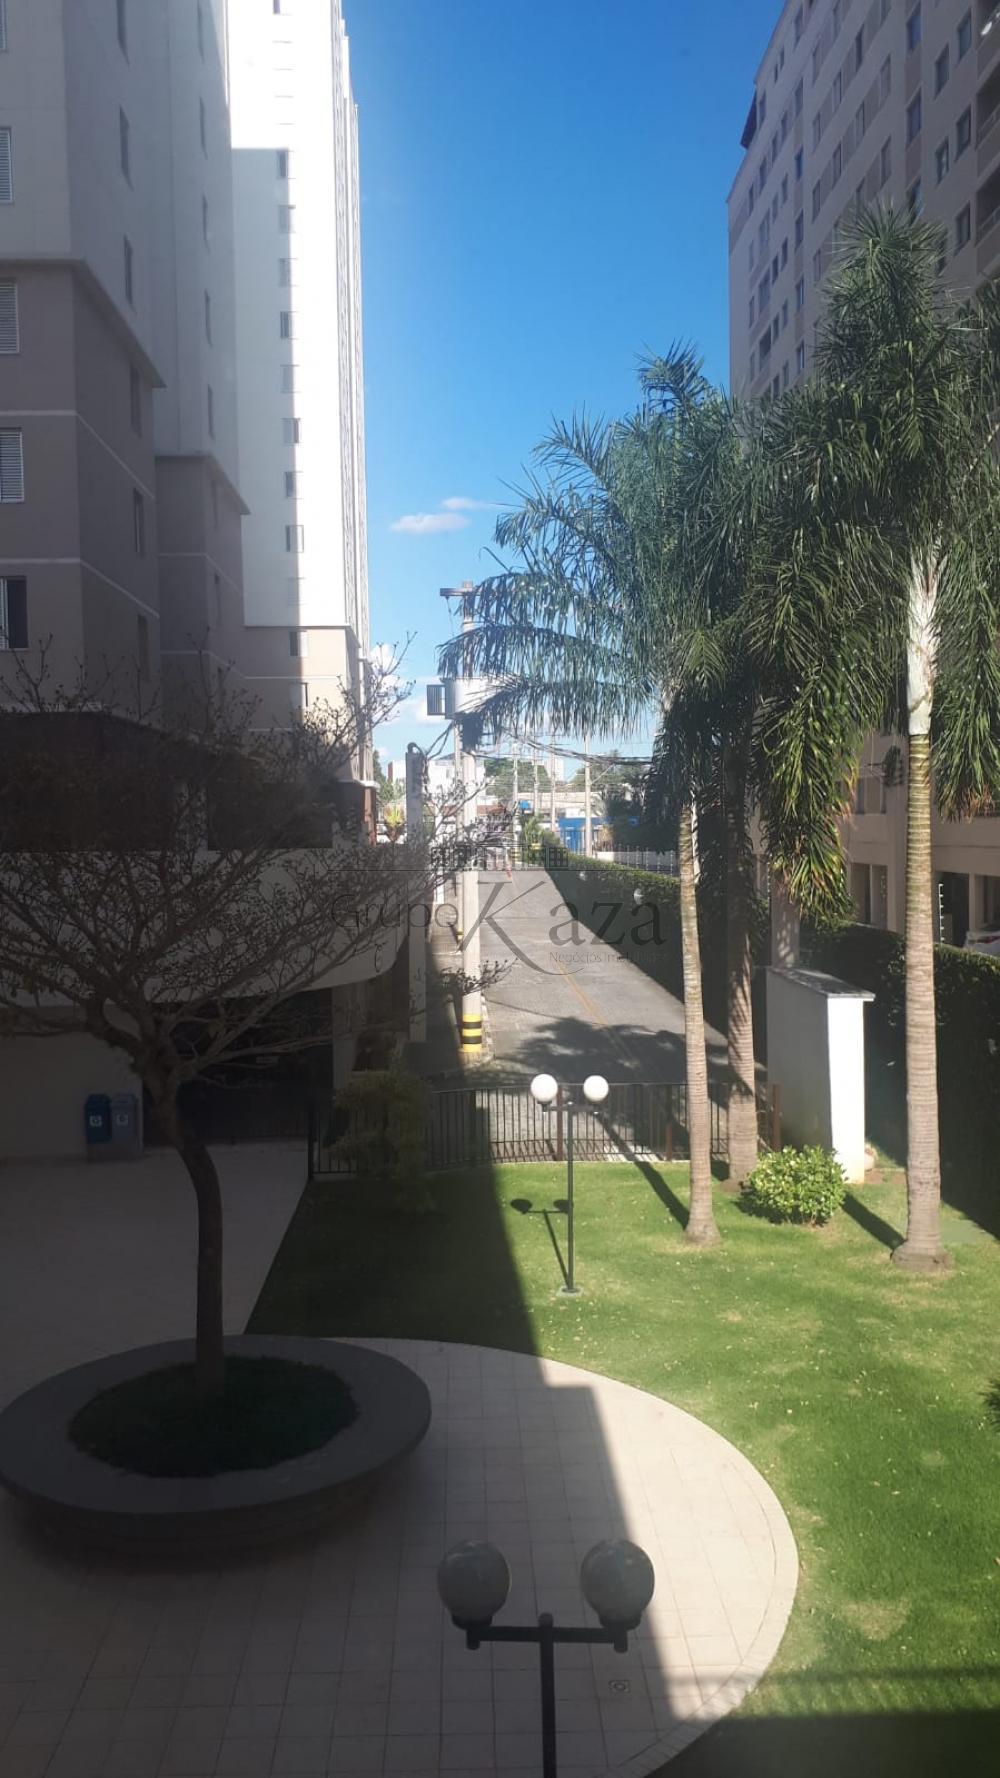 alt='Comprar Apartamento / Padrão em São José dos Campos R$ 420.000,00 - Foto 19' title='Comprar Apartamento / Padrão em São José dos Campos R$ 420.000,00 - Foto 19'